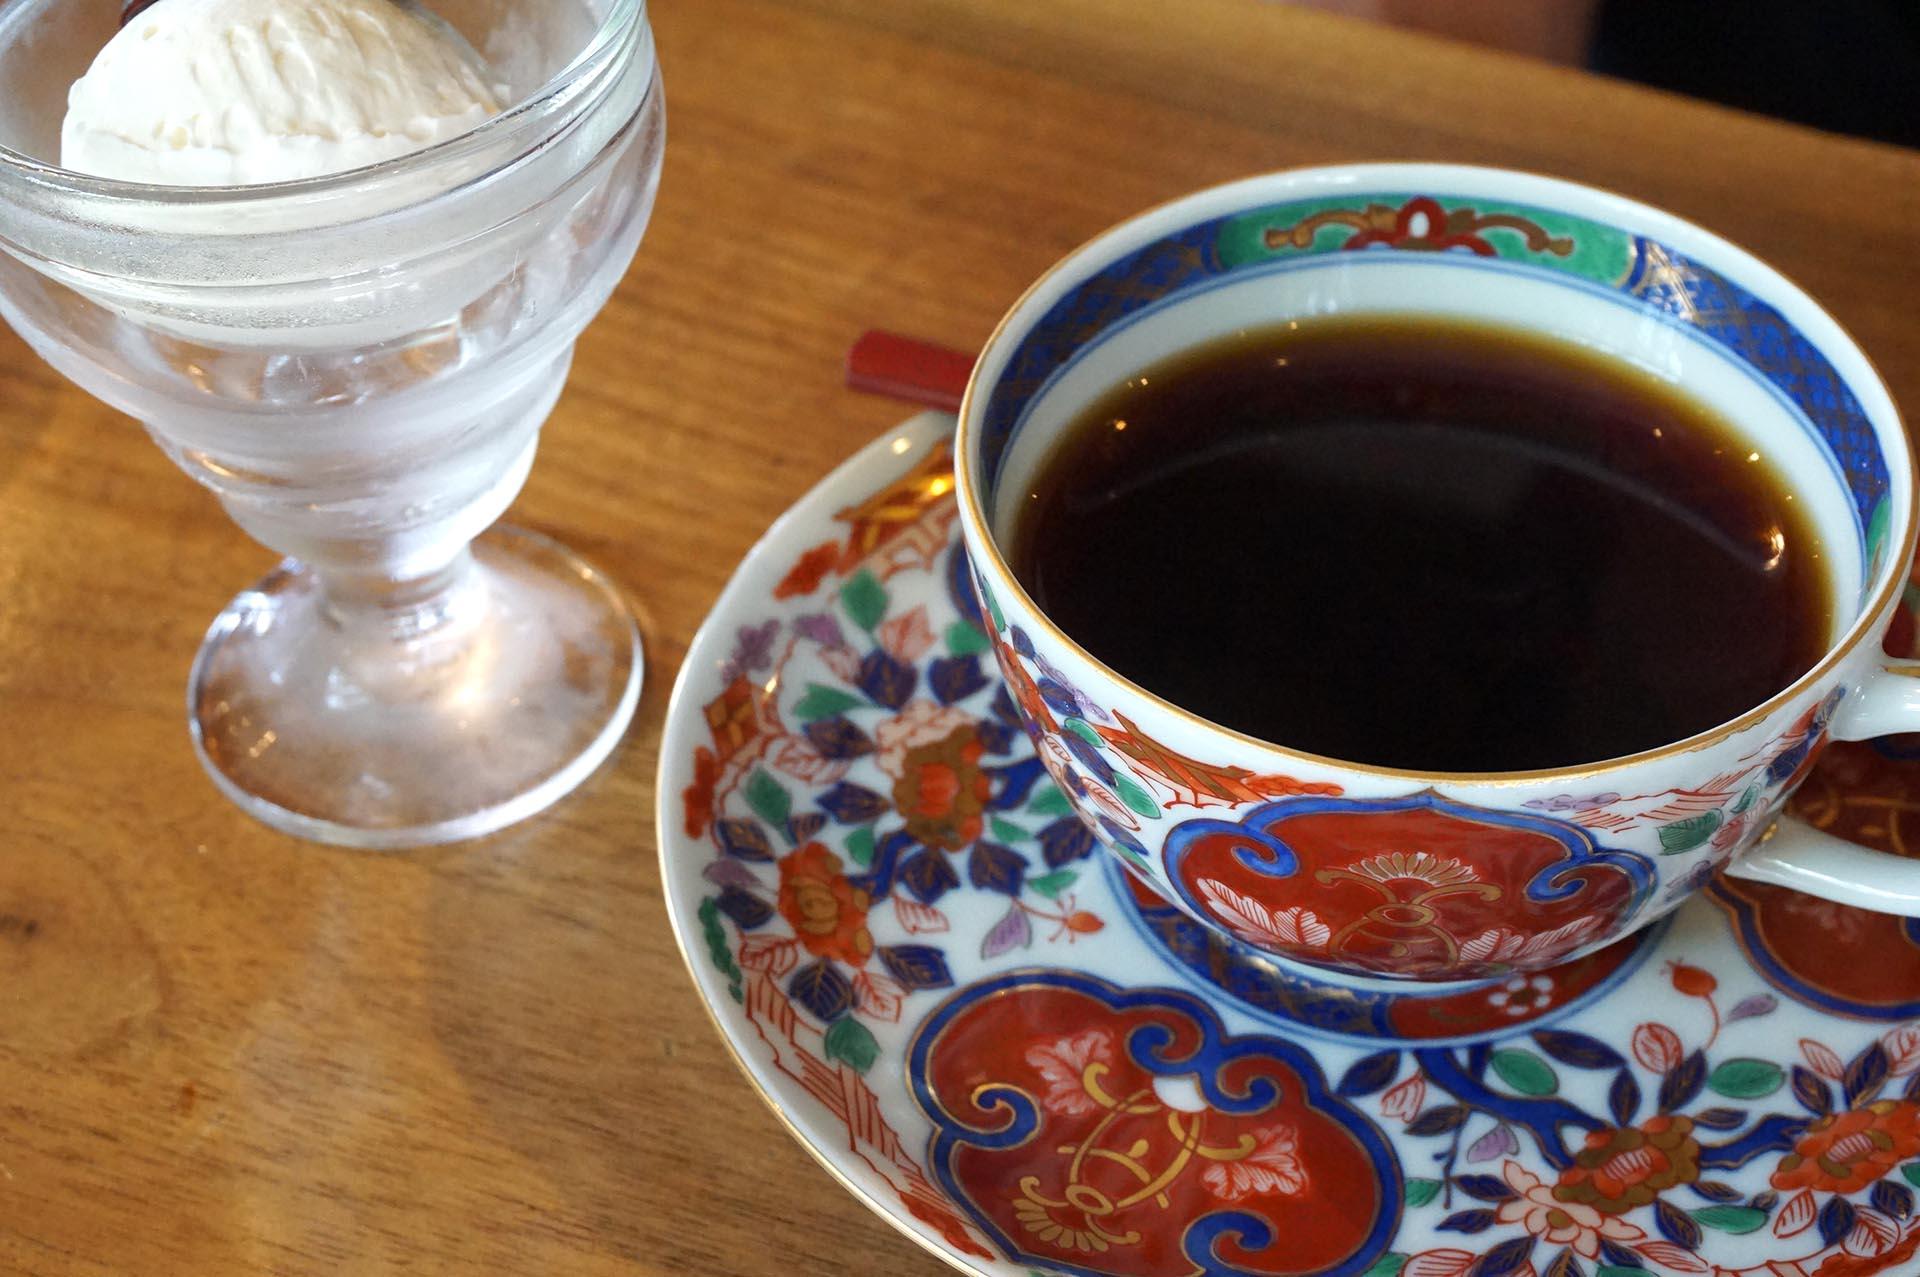 鞠智カフェのコーヒー